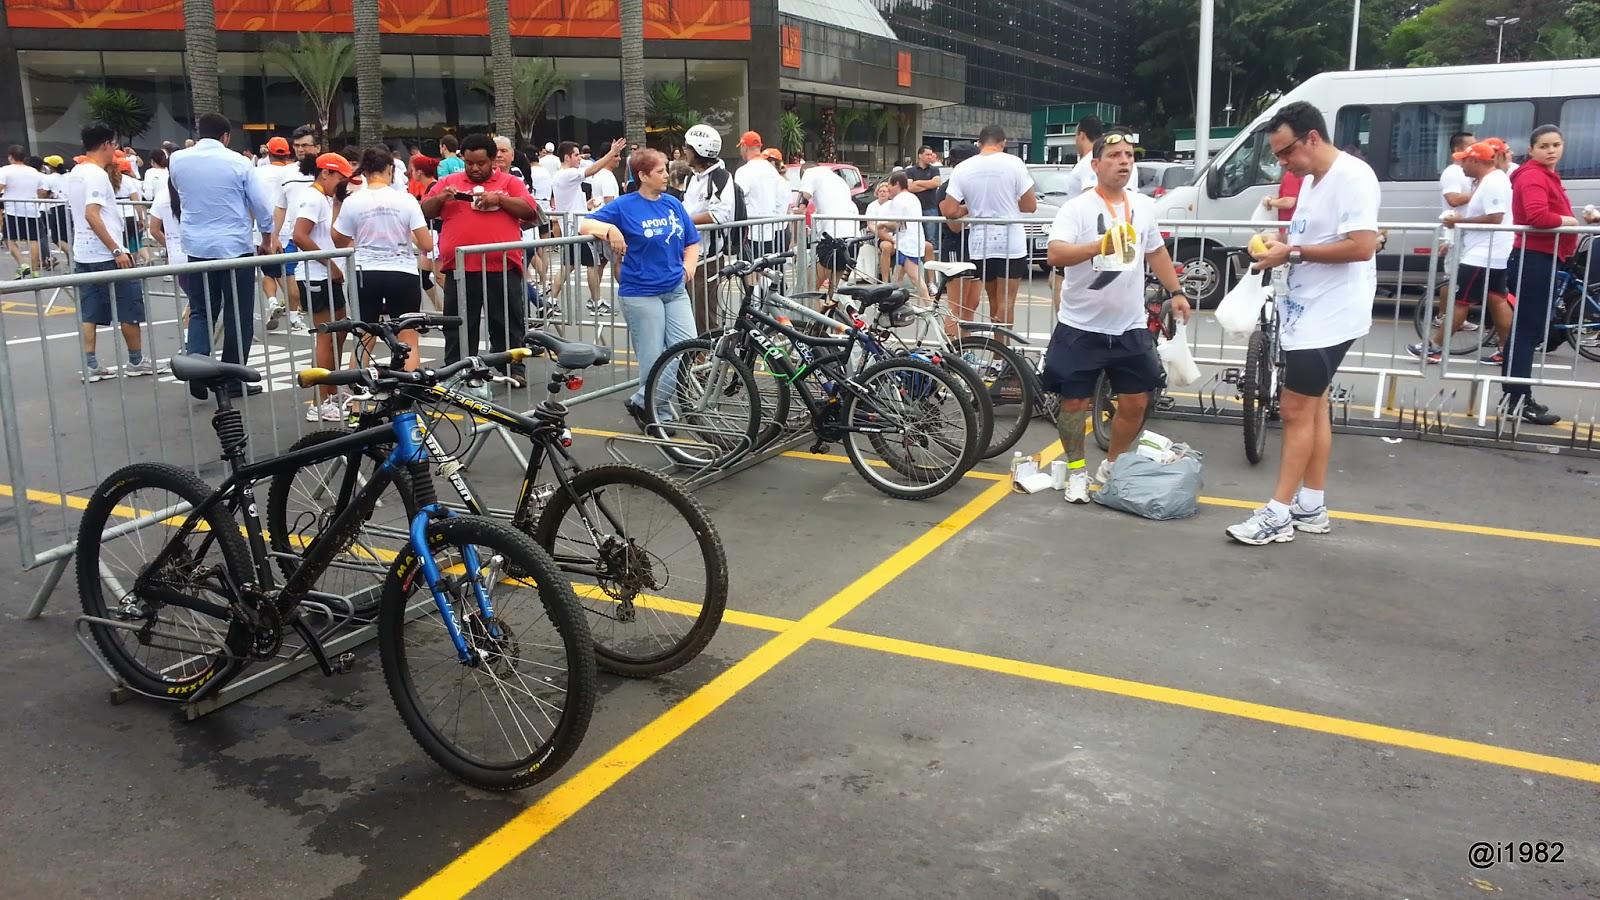 Bicicletários em provas de corrida de rua são cada vez mais comuns - Corrida Caminho da Paz 2013